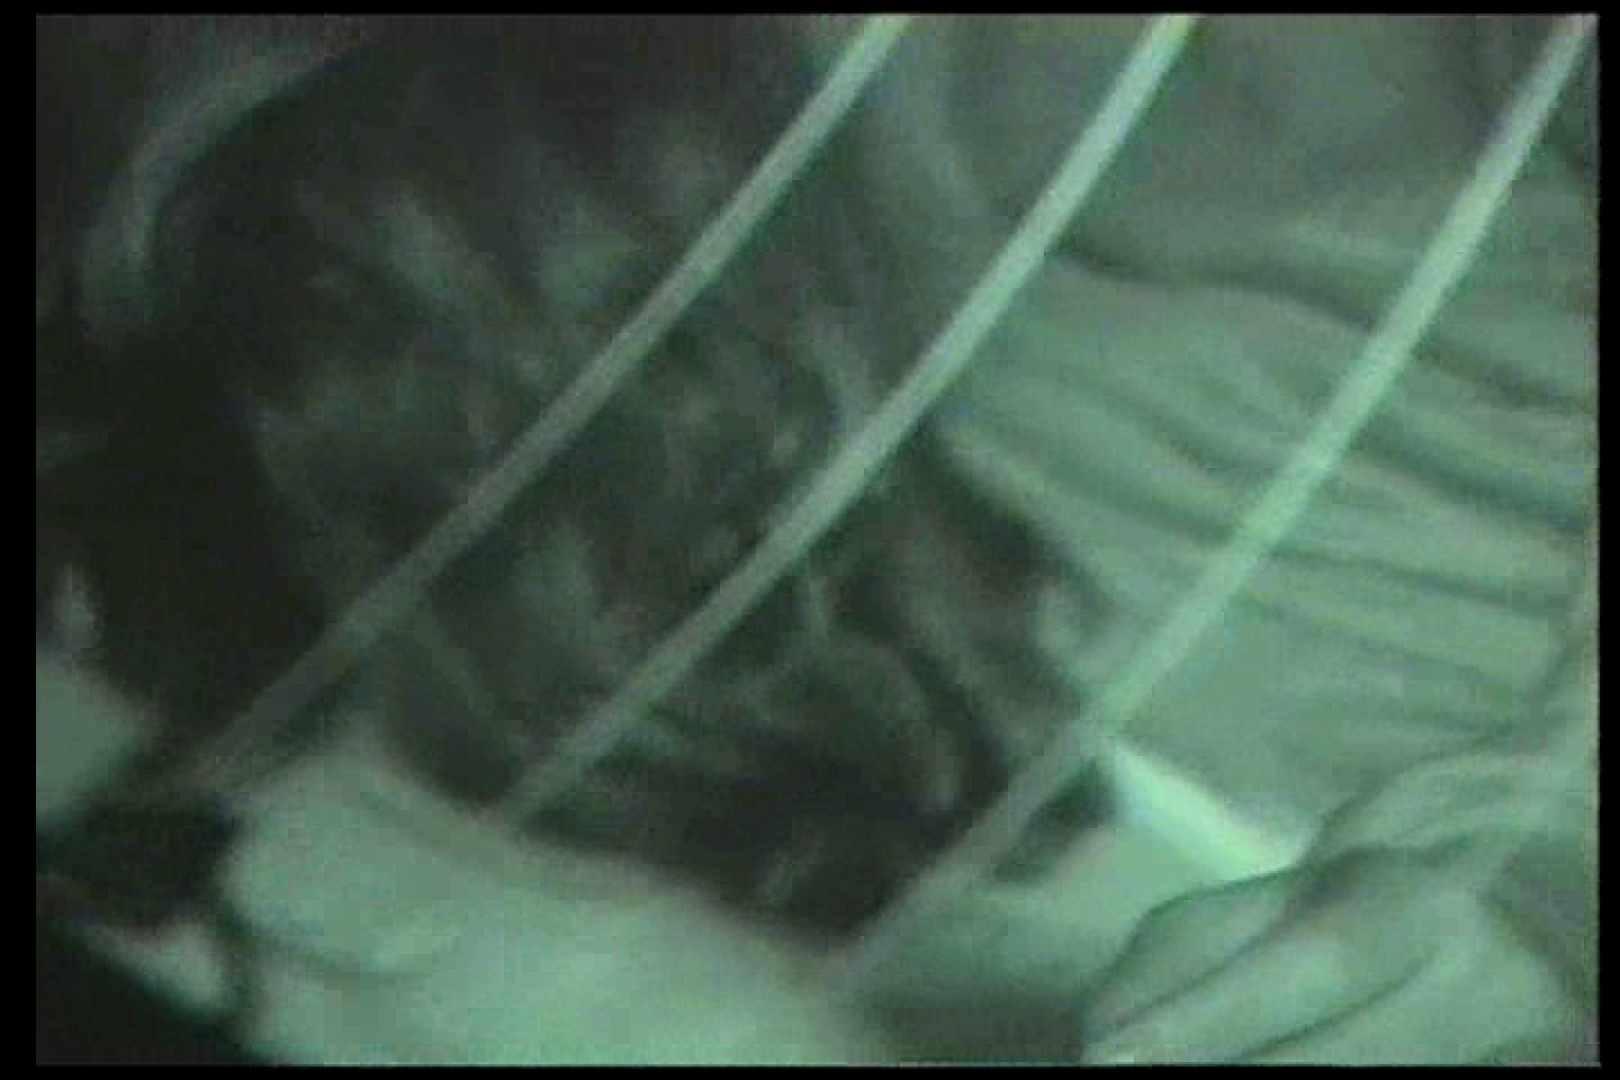 カーセックス未編集・無修正版 Vol.7前編 カップル オマンコ無修正動画無料 102画像 96